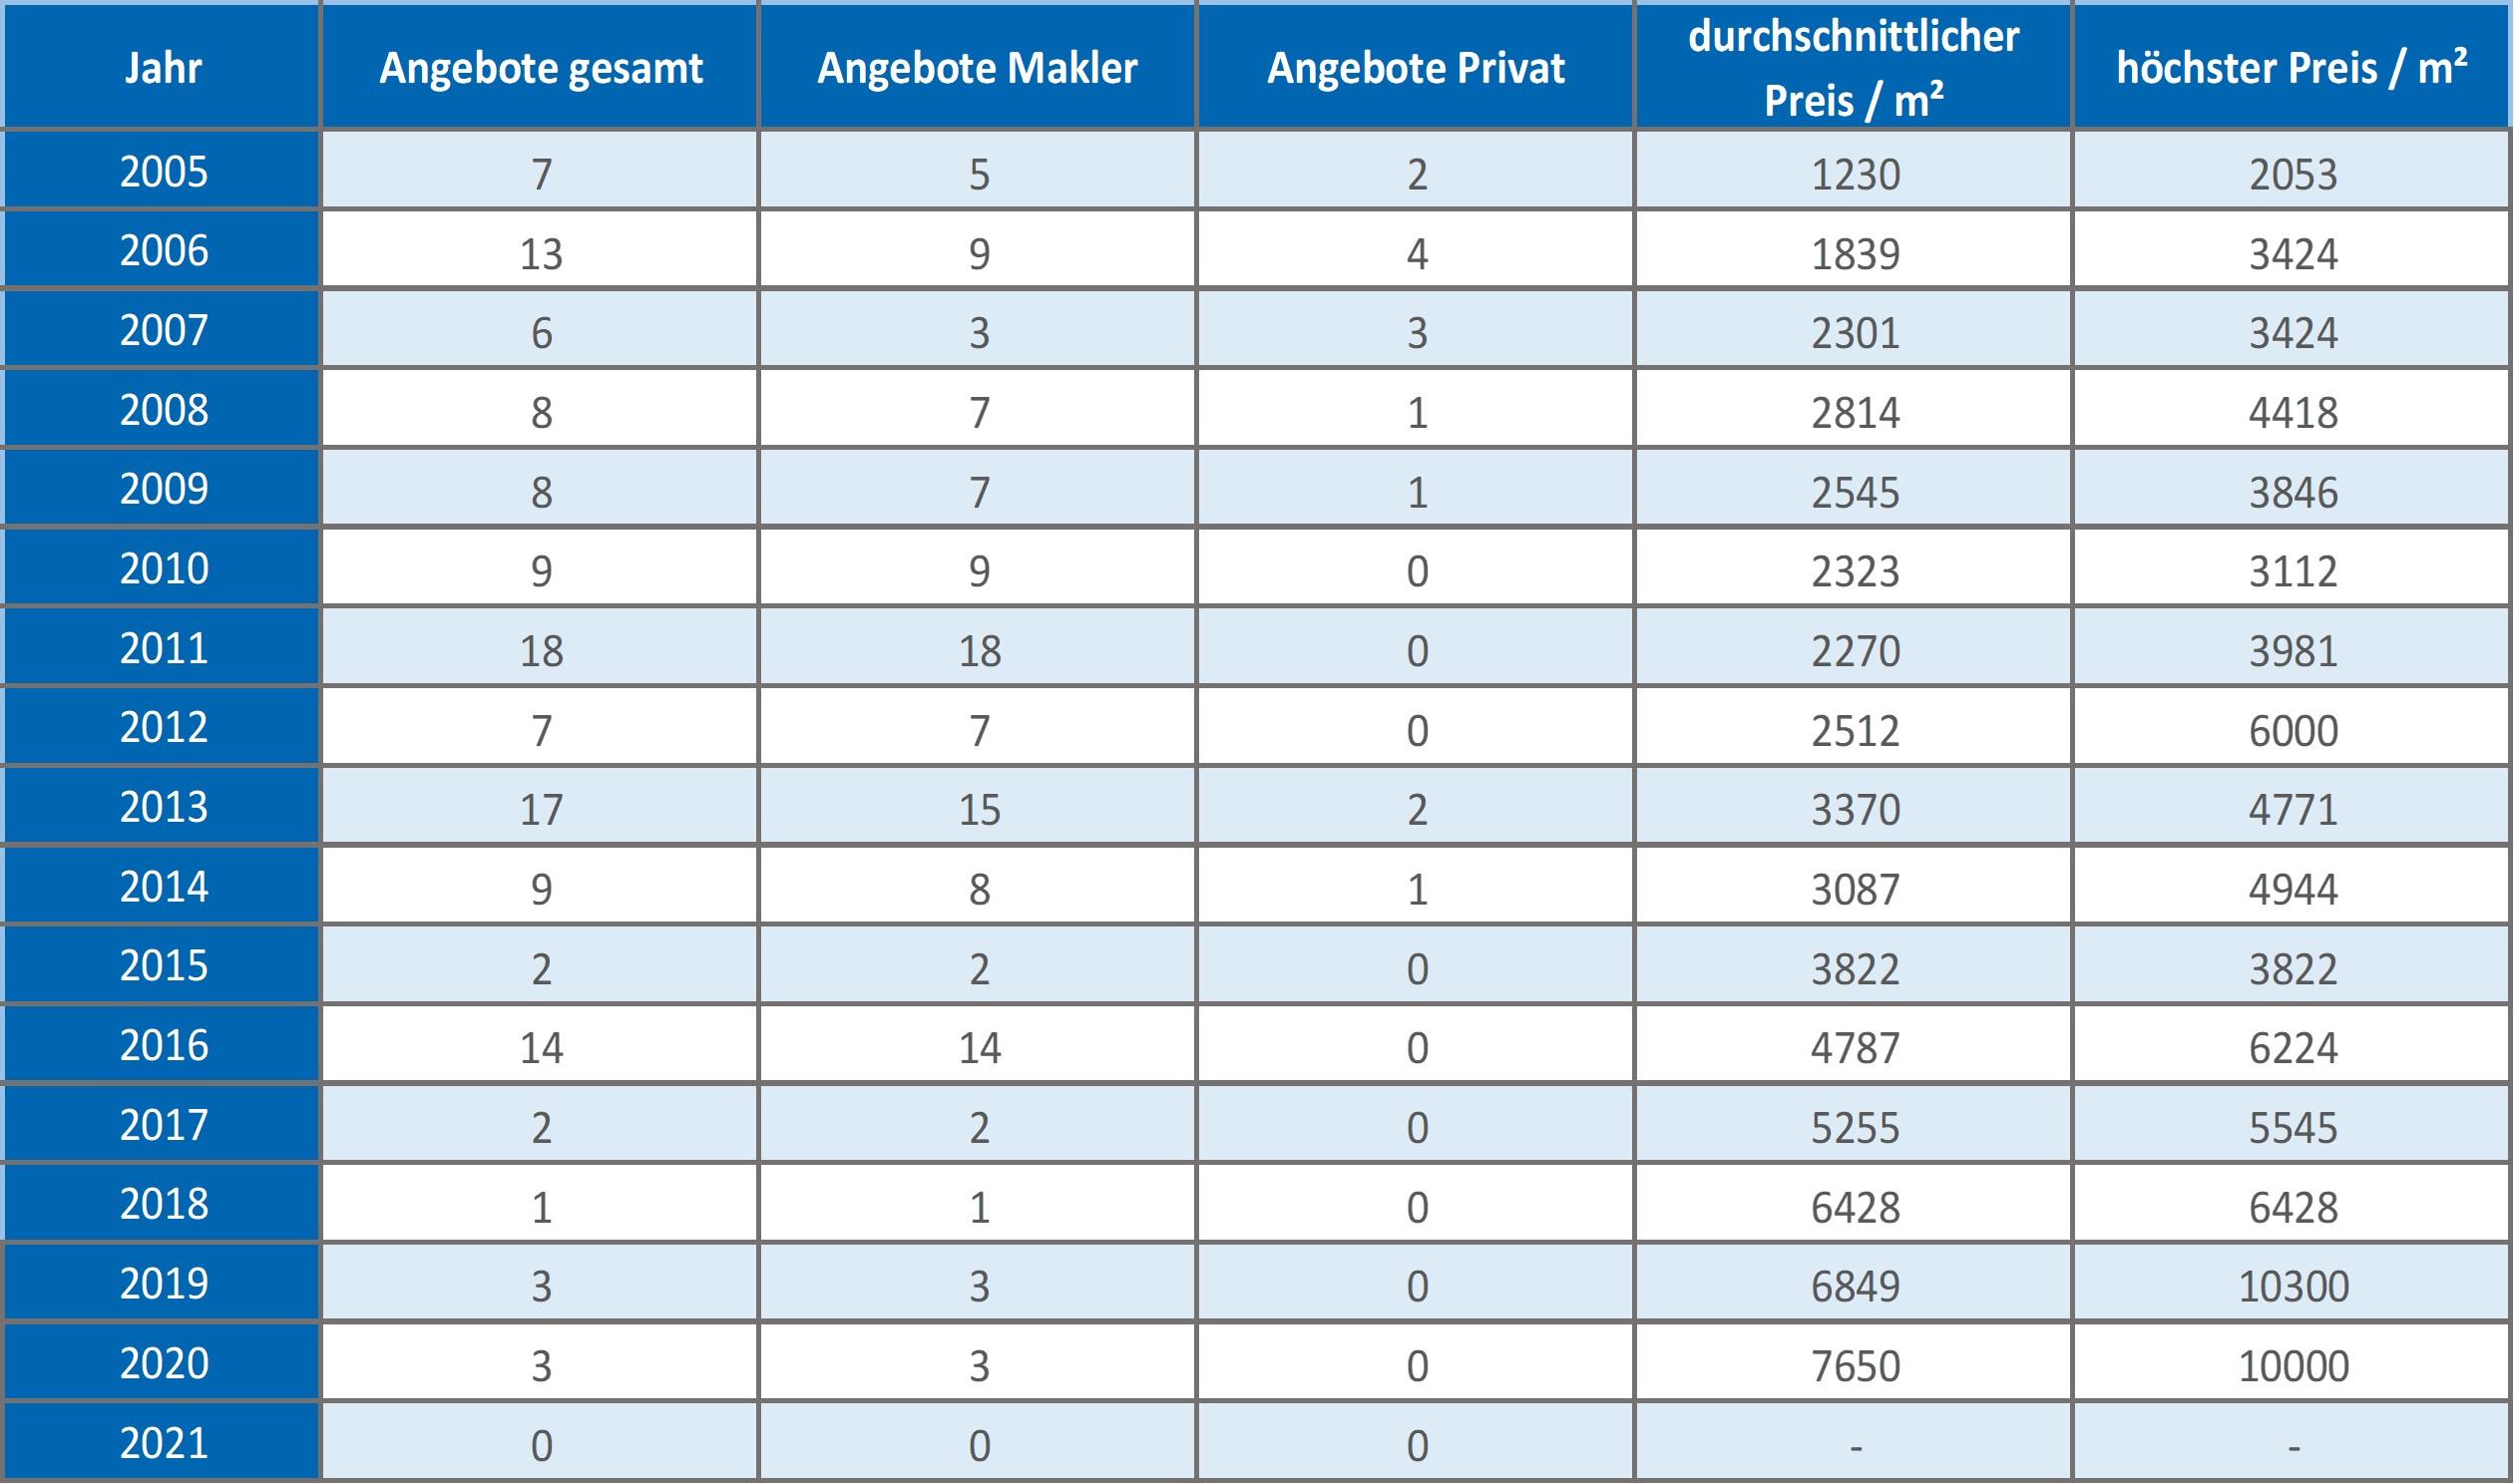 Bad Wiessee-Mehrfamilienhaus-kaufen-verkaufen-Makler 2019, 2020, 2021